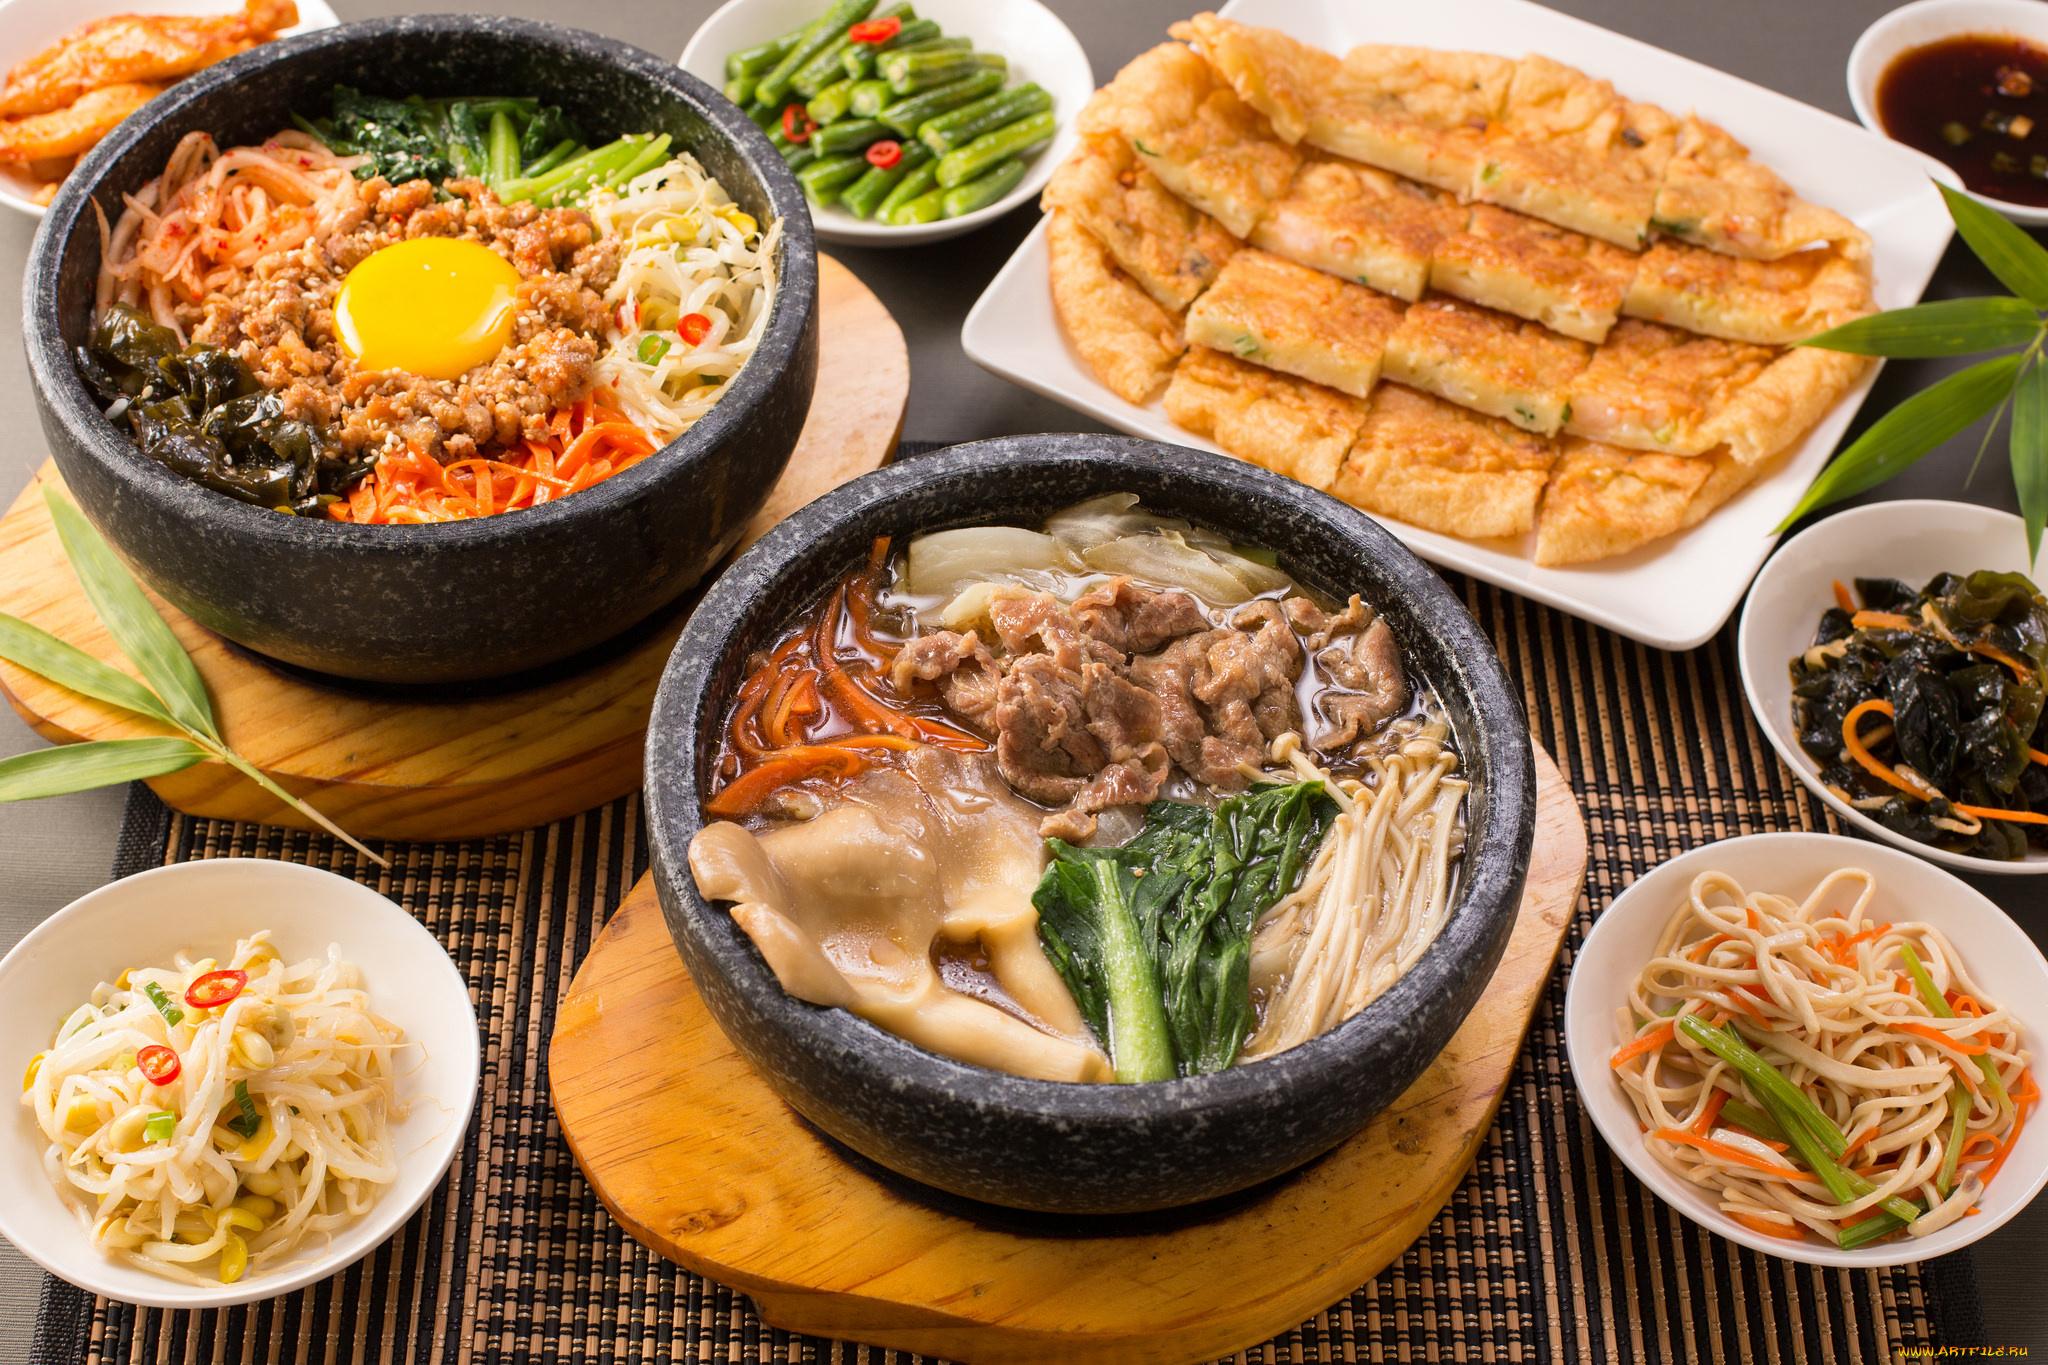 Китайская кухня - Разнообразие китайских блюд